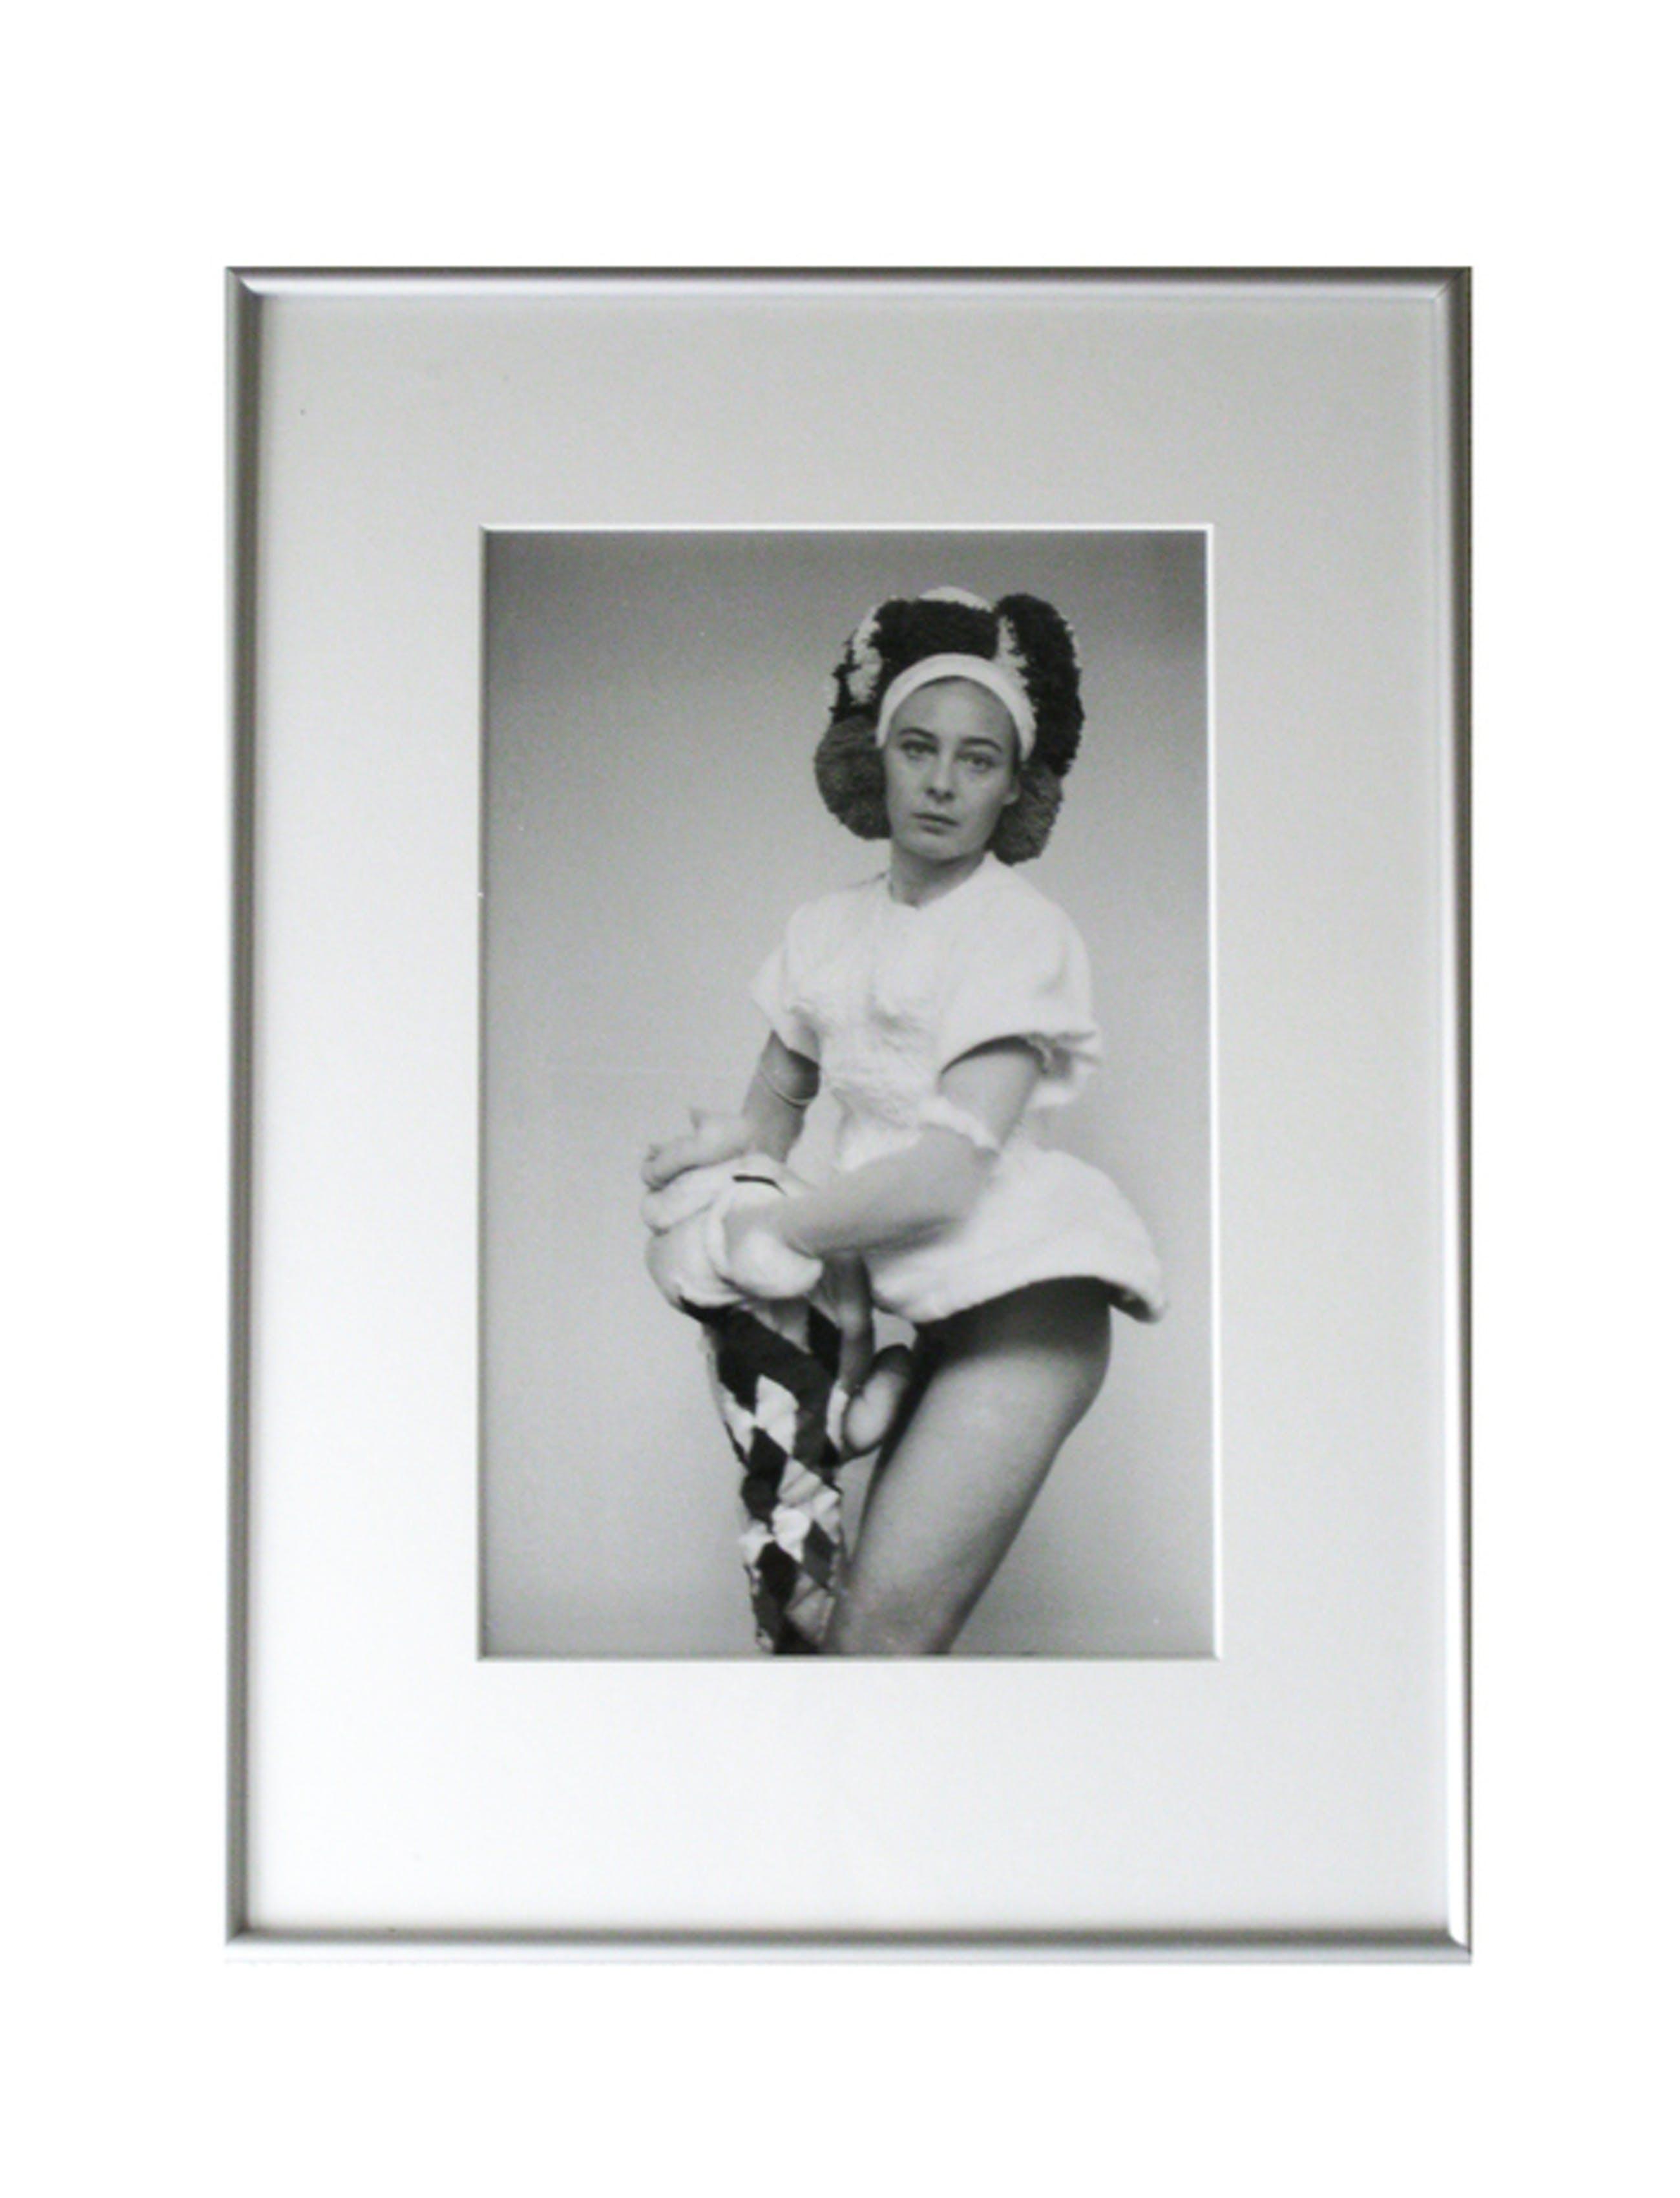 Lie van der Werff, Foto (unica), Zelfportret (met molton muts), 1995 kopen? Bied vanaf 175!